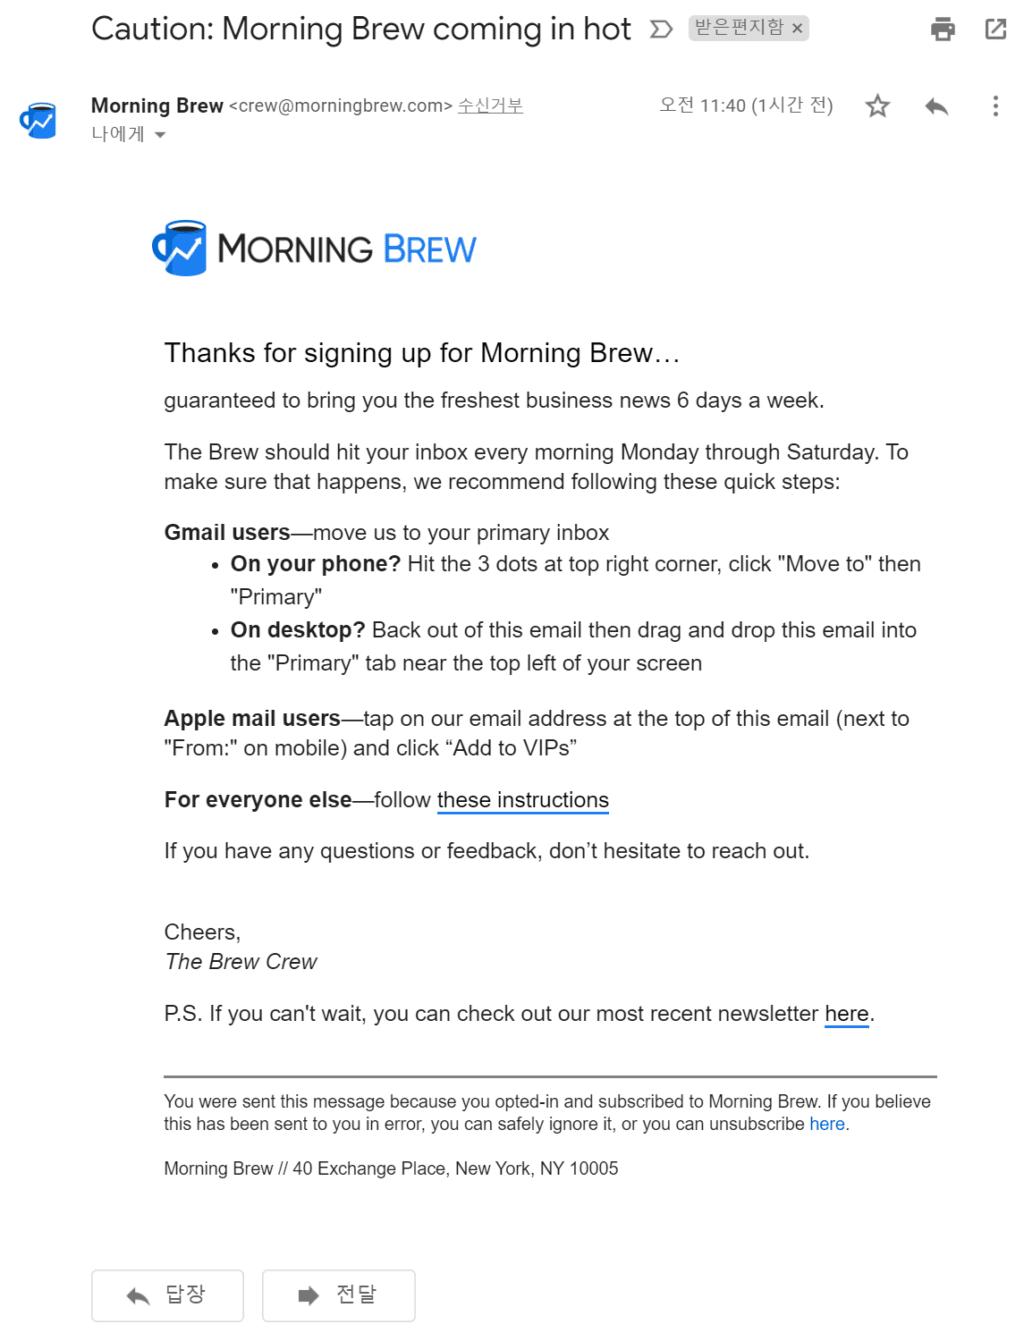 모닝브루(Morningbrew) 가입 후 처음으로 받음 환영 메일, 특히 지메일 사용자에게 기본 메일로 옮겨달라고 요청, Image Capture by Happist.png